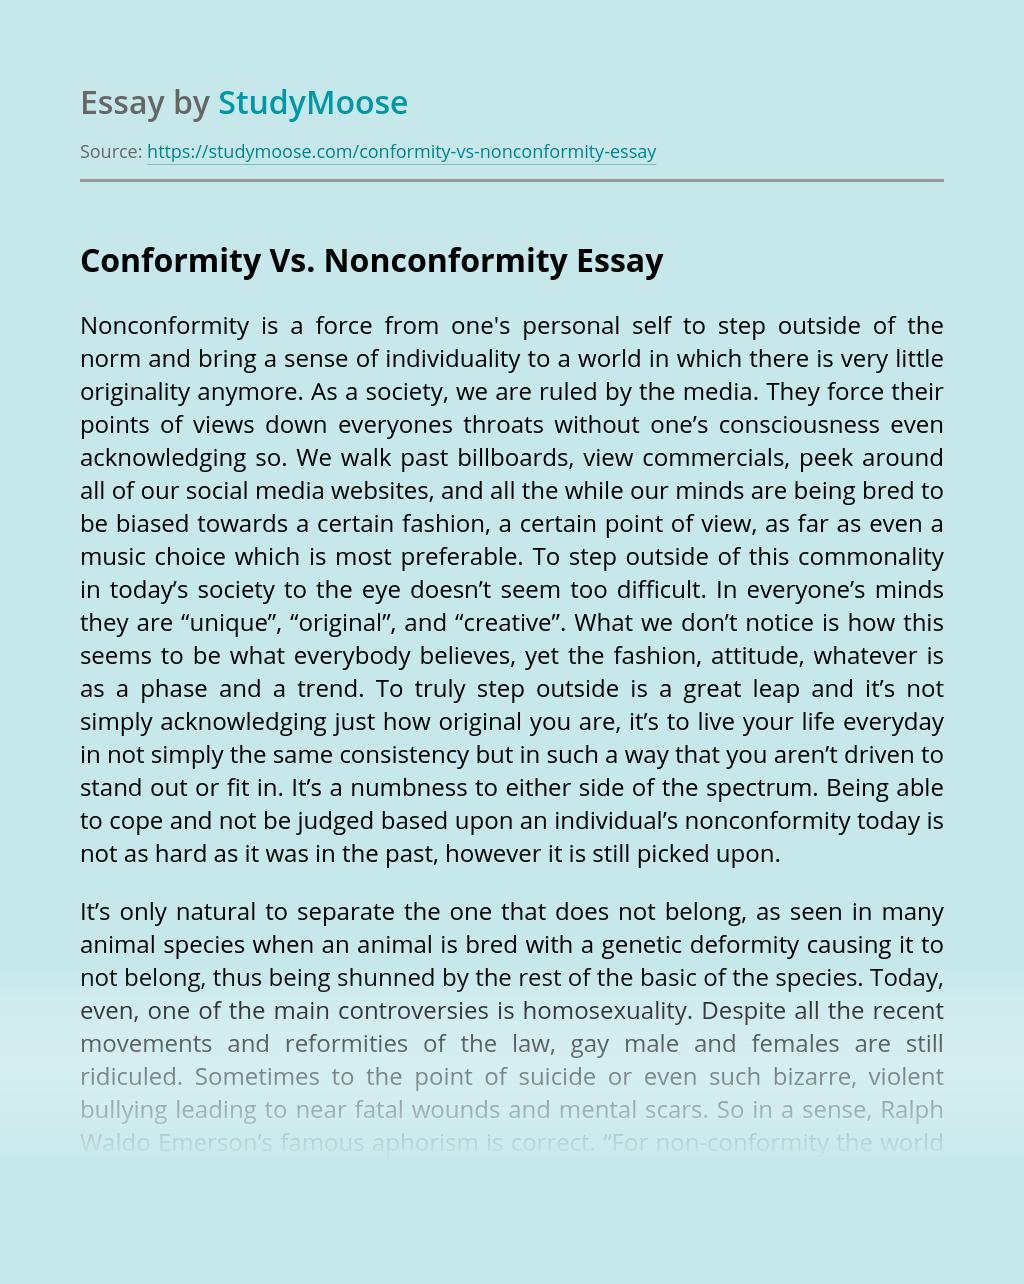 Conformity Vs. Nonconformity